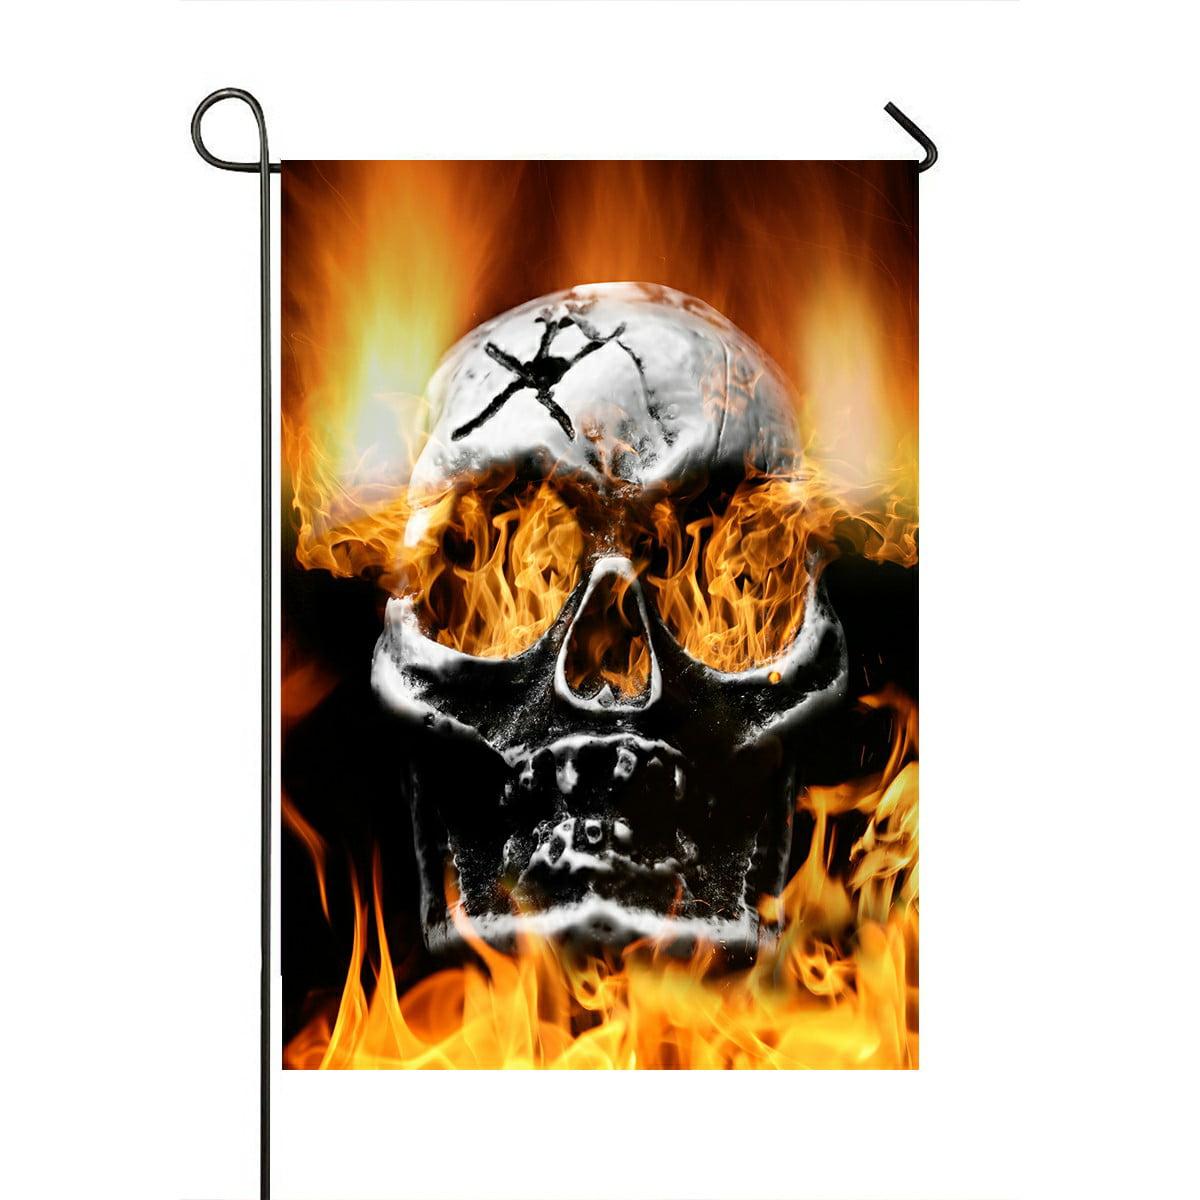 Eczjnt Very Scary Flaming Skull Concept Of Horror Garden Flag Outdoor Flag Home Party Garden Decor 28x40 Inch Walmart Com Walmart Com